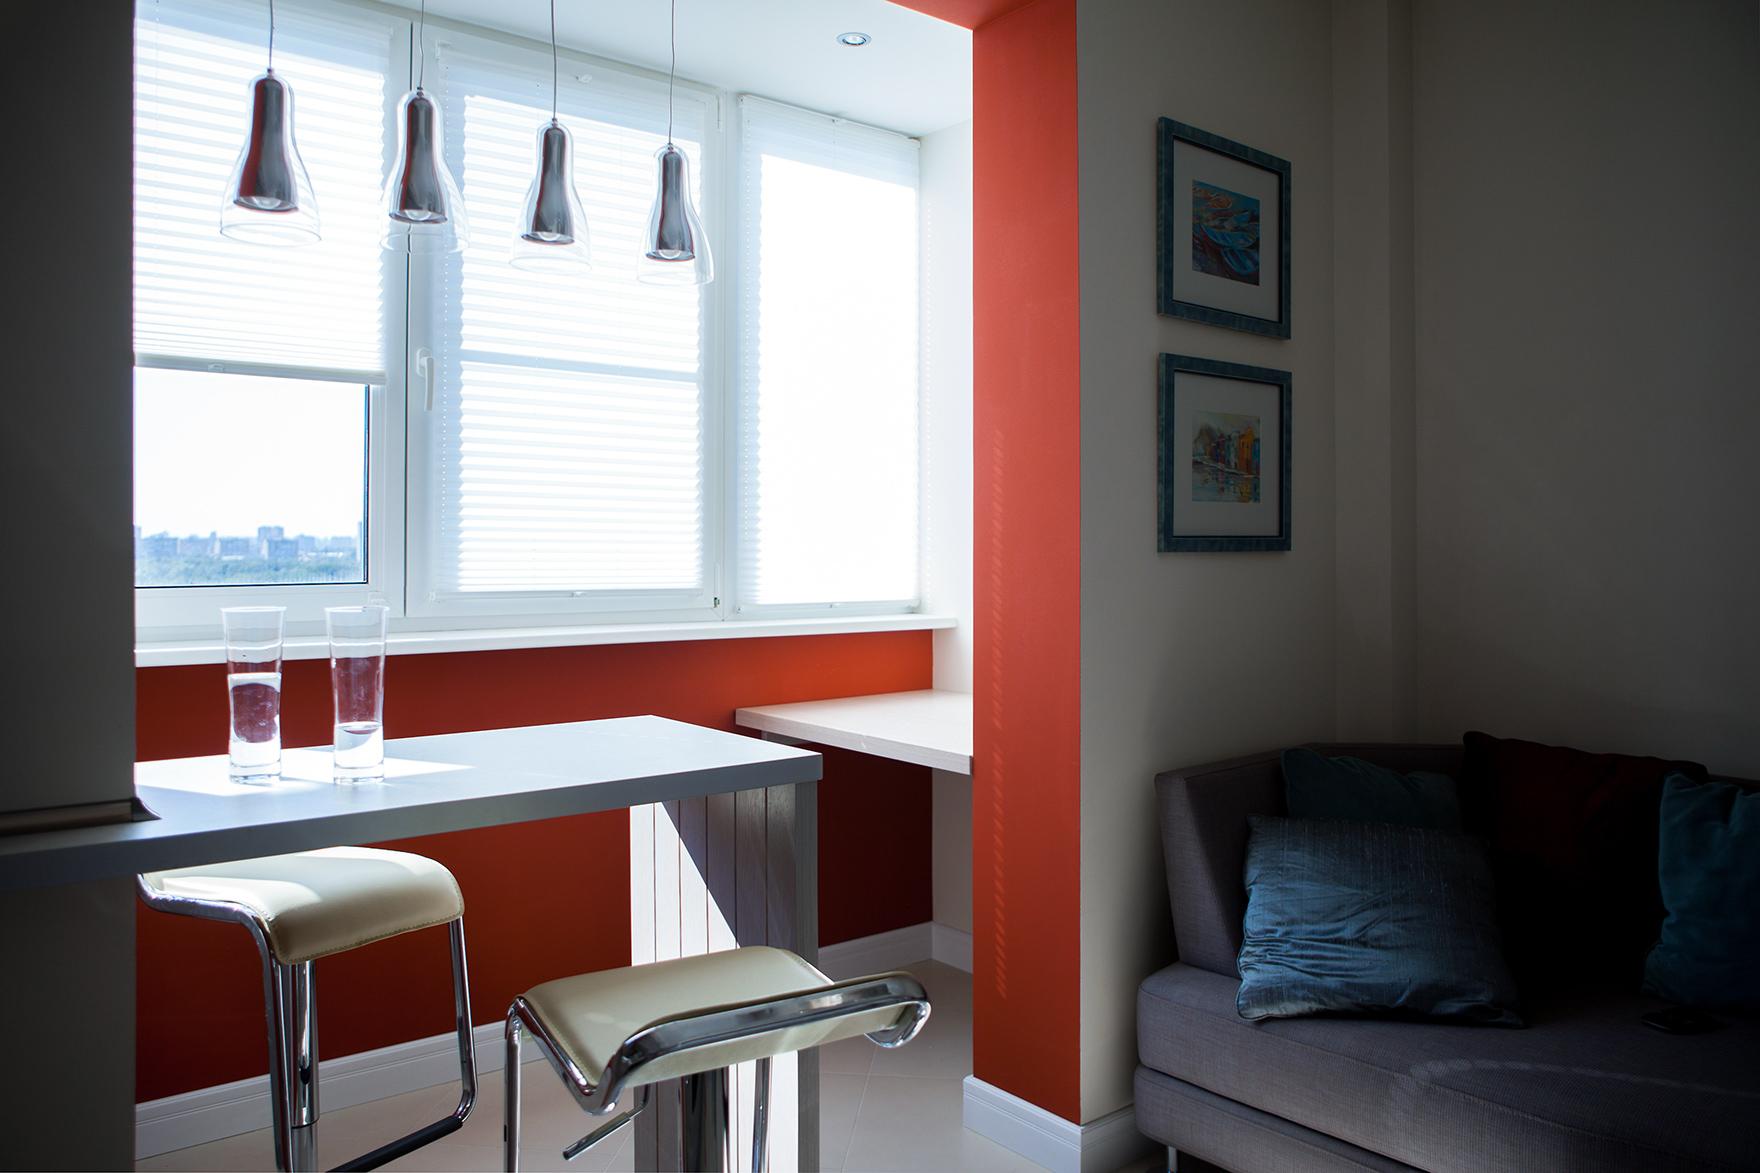 Небольшая кухня совмещенная с балконом.